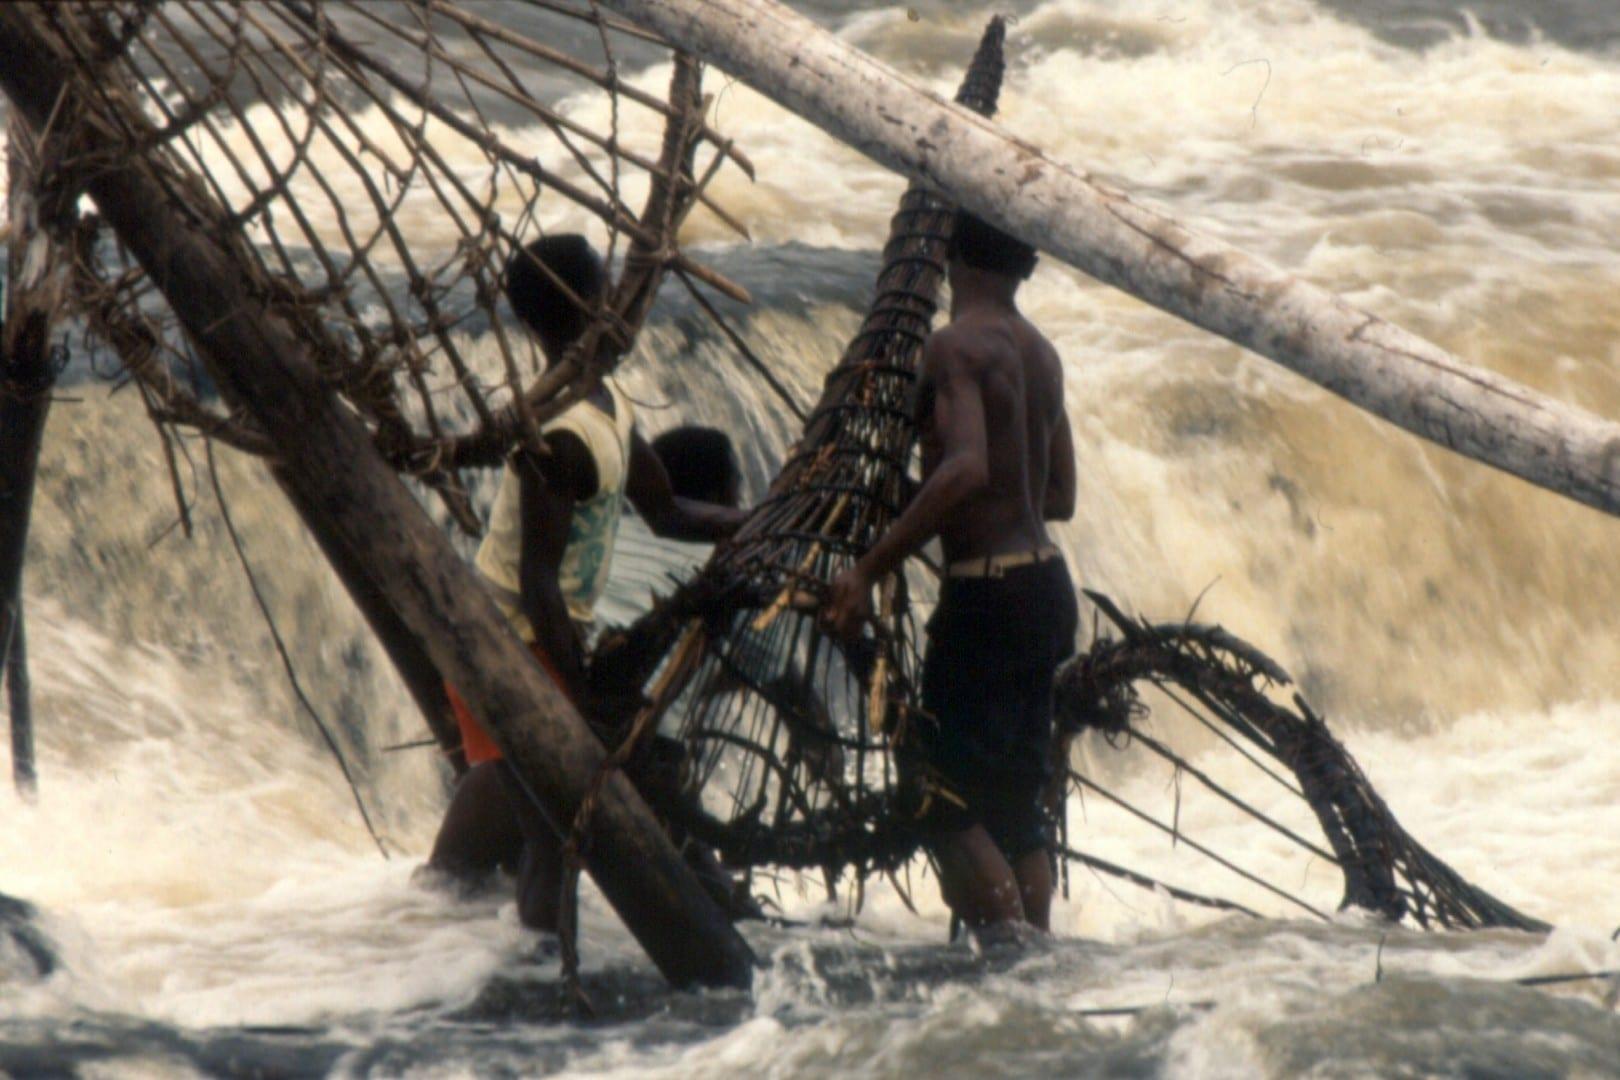 Pescadores de Wagenia con sus trampas de cesta cónica en las cataratas de Boyoma. Congo (Rep. Dem.)